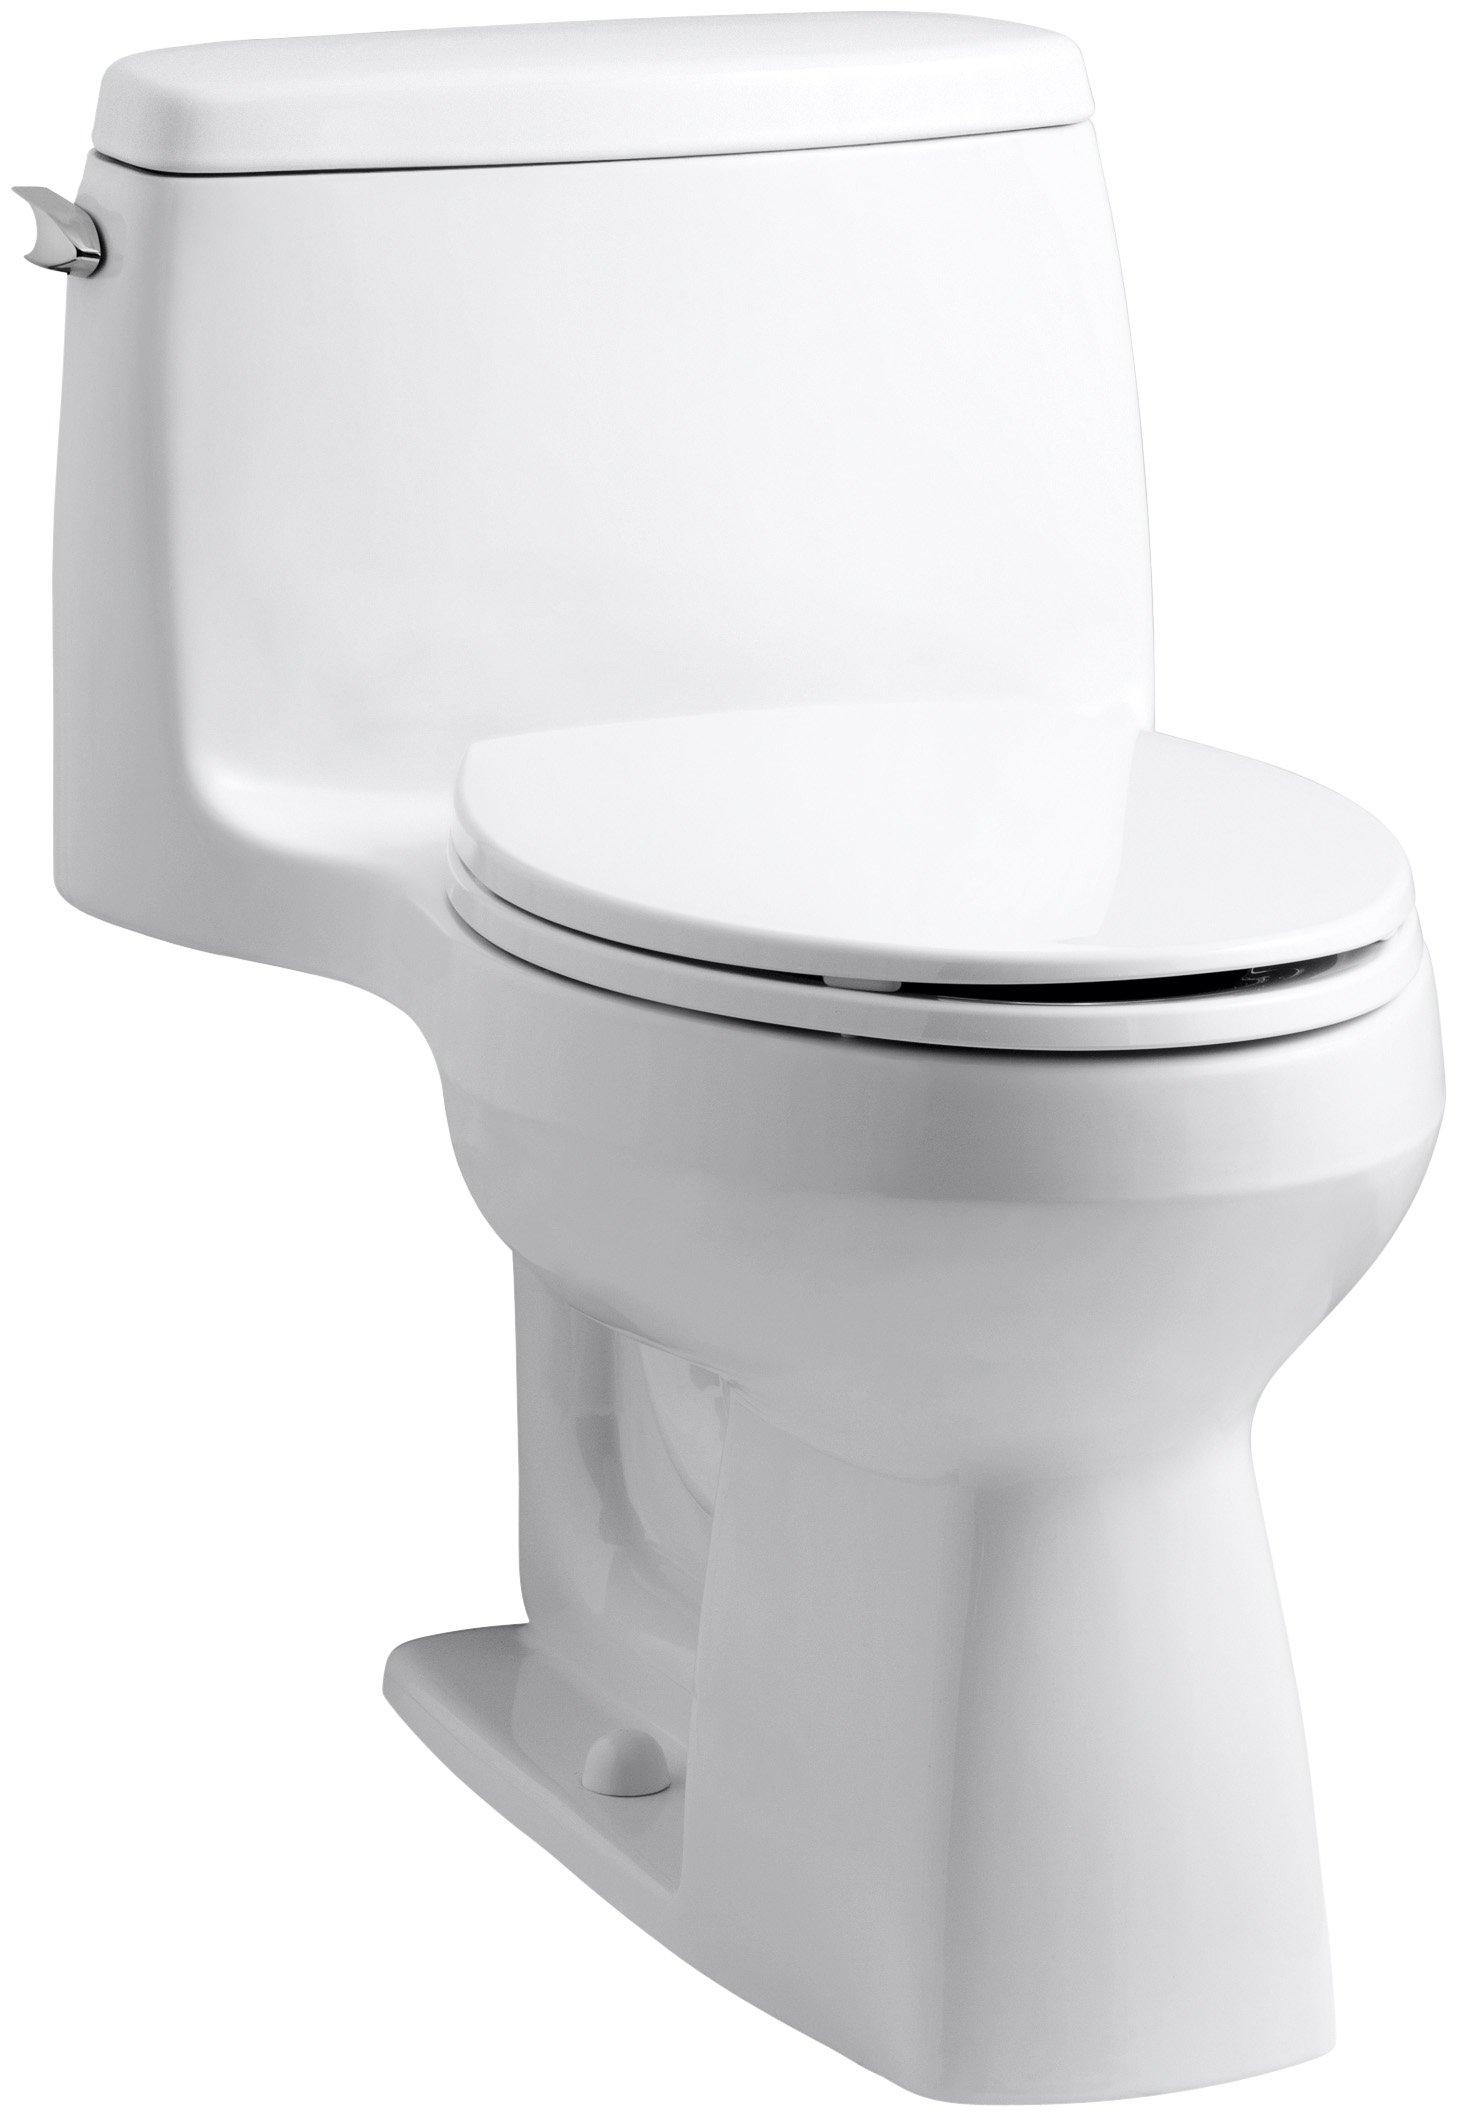 Kohler 3811-0 Santa Rosa Comfort Height Elongated 1.6 GPF Toilet with AquaPiston Flush Technology and Left-Hand Trip Lever, White by Kohler